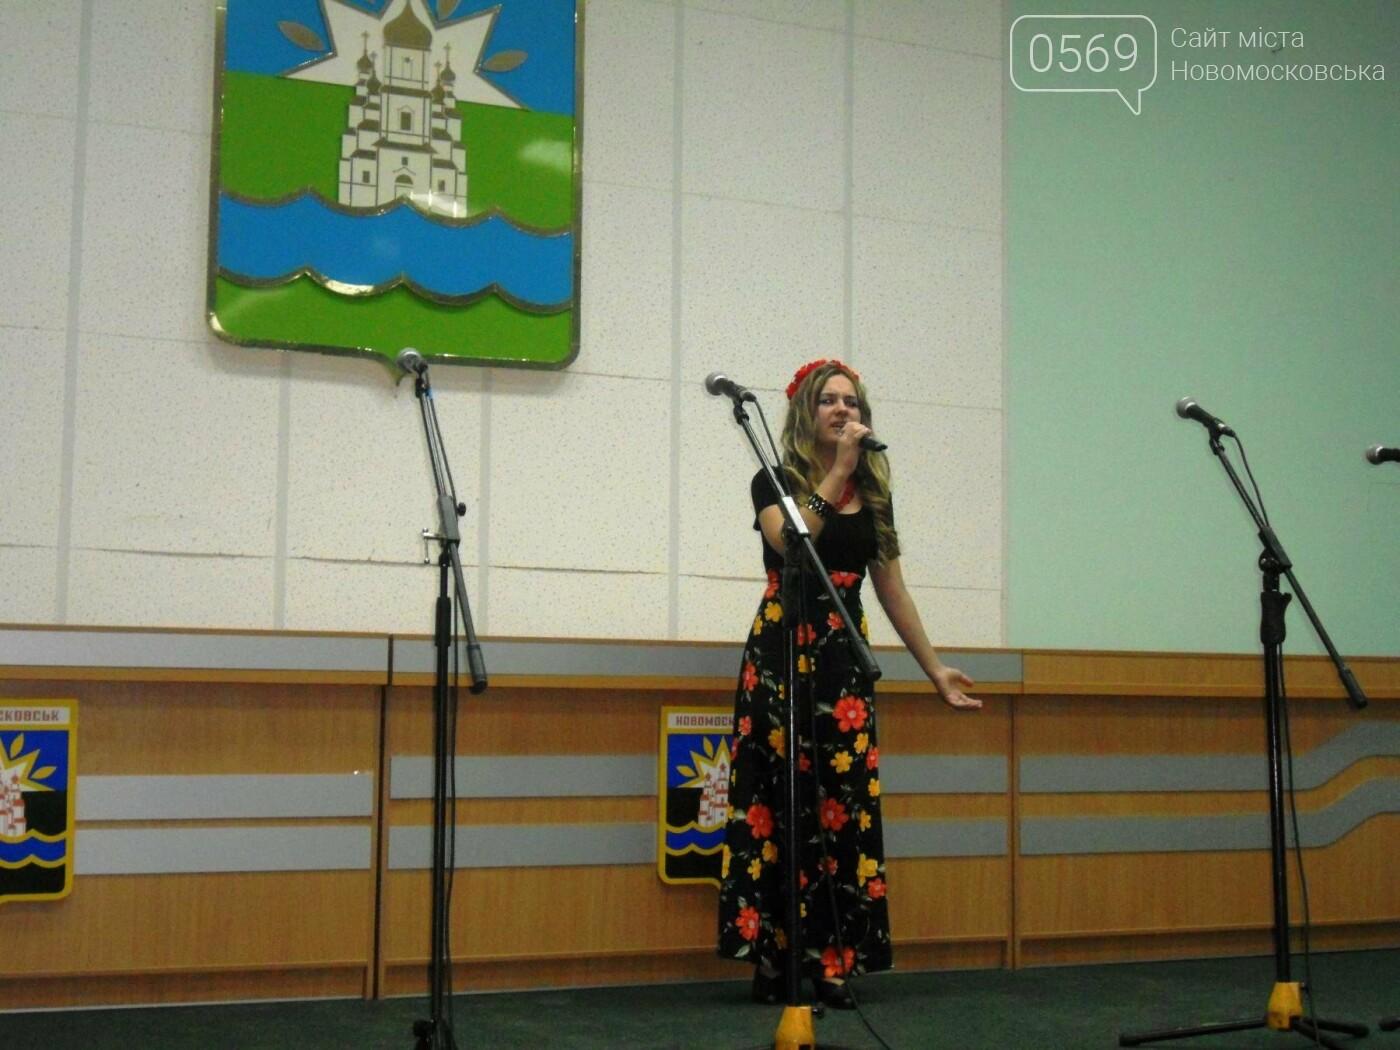 В Новомосковську відбувся перший тур фестивалю «Діамантова нотка», фото-4